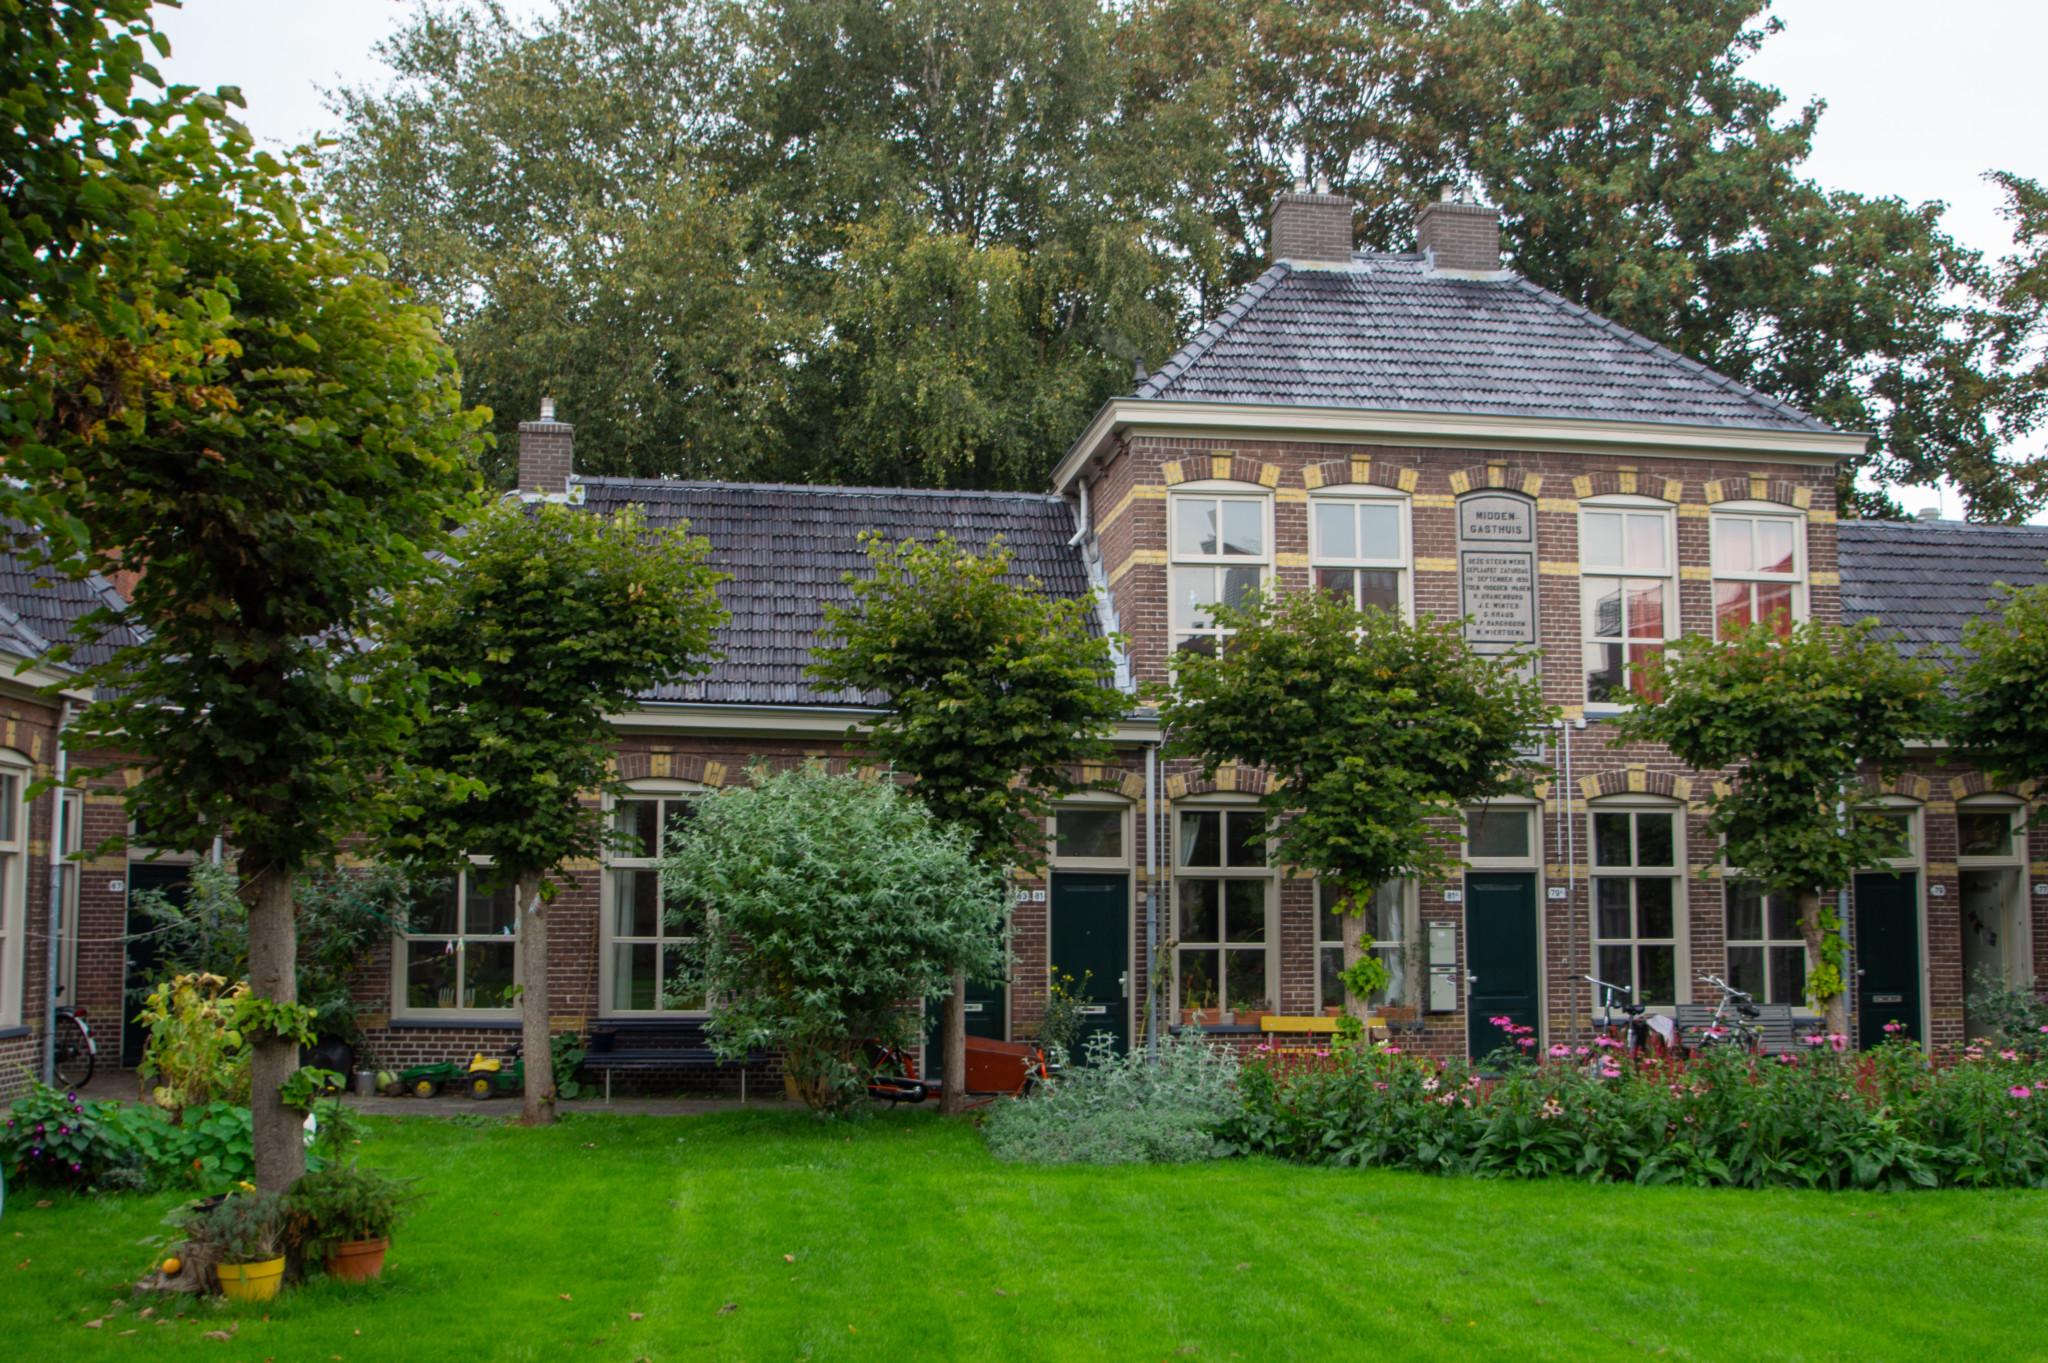 Innenhöfe in Groningen